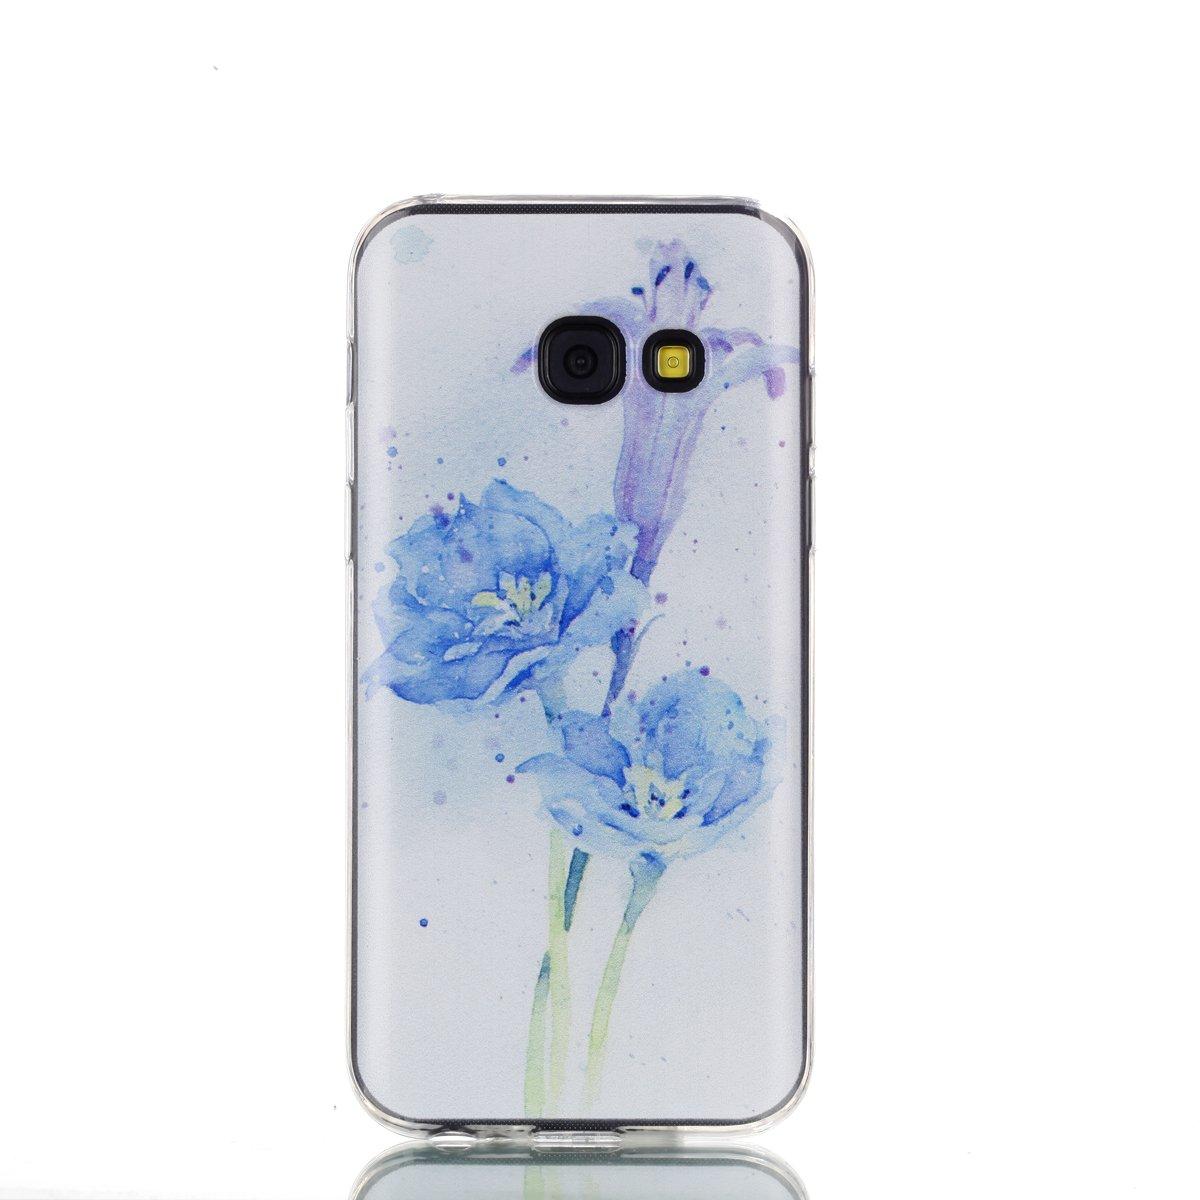 Coque Samsung Galaxy A3 2017, Anlike Té lé phone Coque É tui Case pour Samsung Galaxy A3 2017 - Chat blanc Anlike Téléphone Coque Étui Case pour Samsung Galaxy A3 2017 - Chat blanc AK-332249